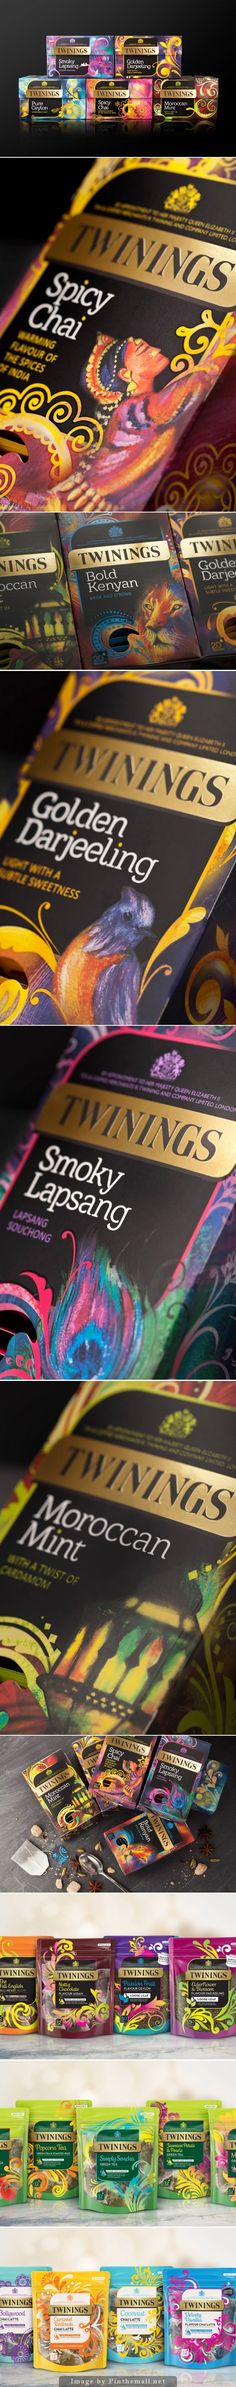 Twinings Origins #packaging by BrandOpus - http://www.packagingoftheworld.com/2014/11/twinings-origins.html